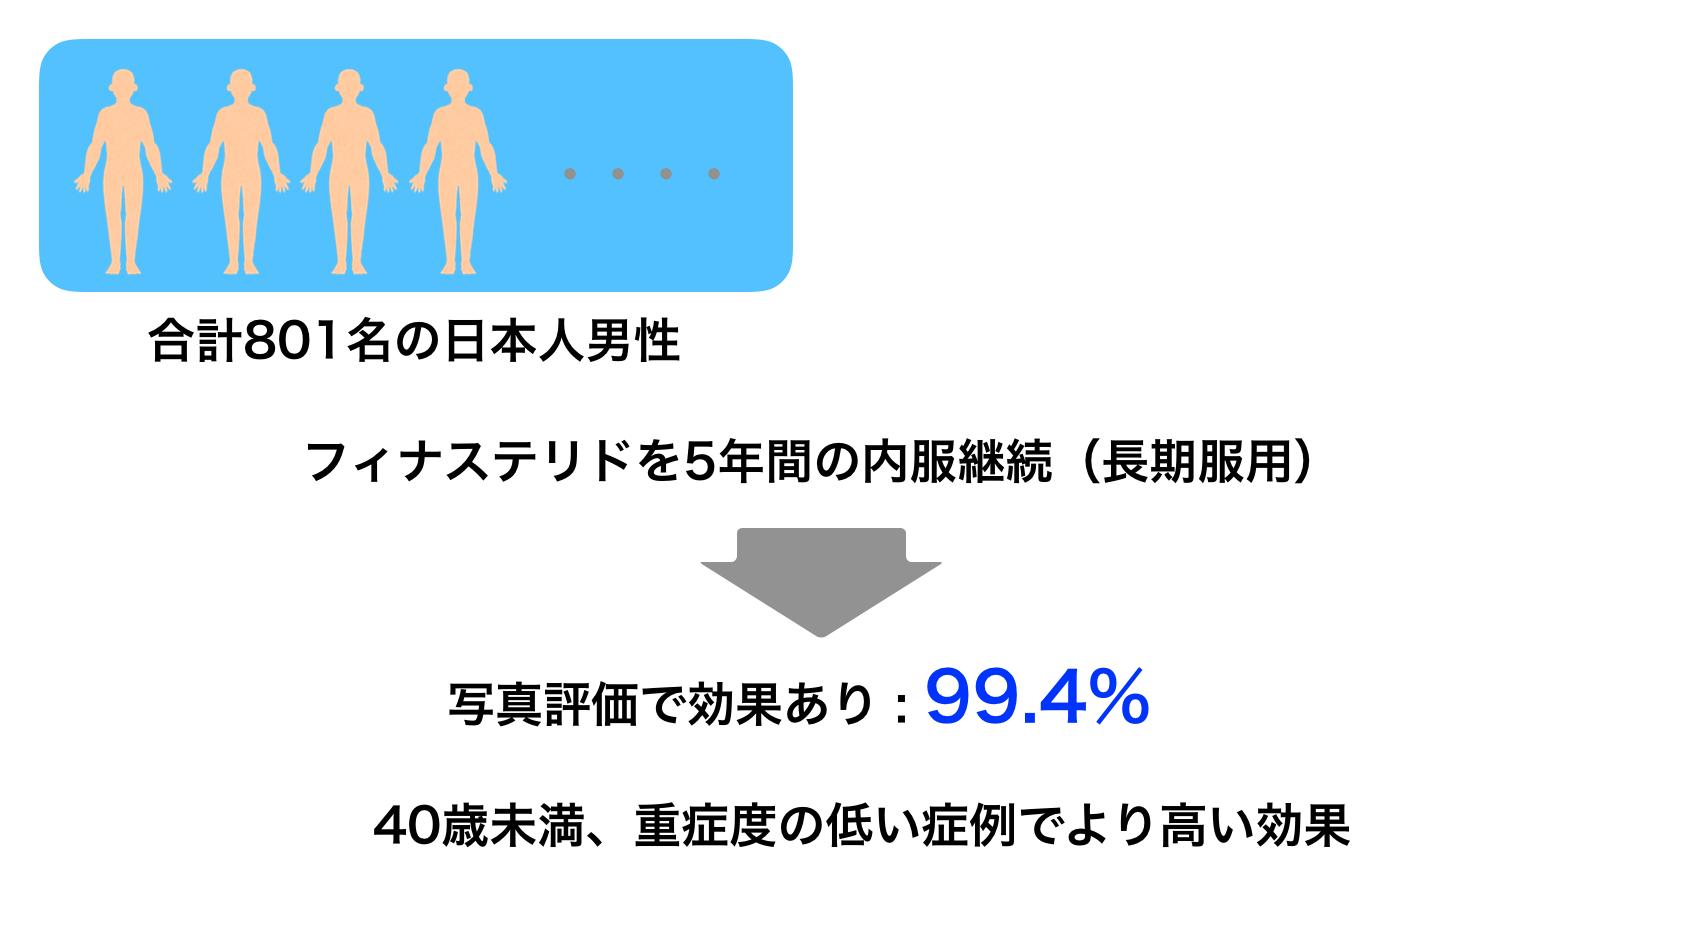 ガイドライン 科学 会 日本 皮膚 医療関係者の皆様